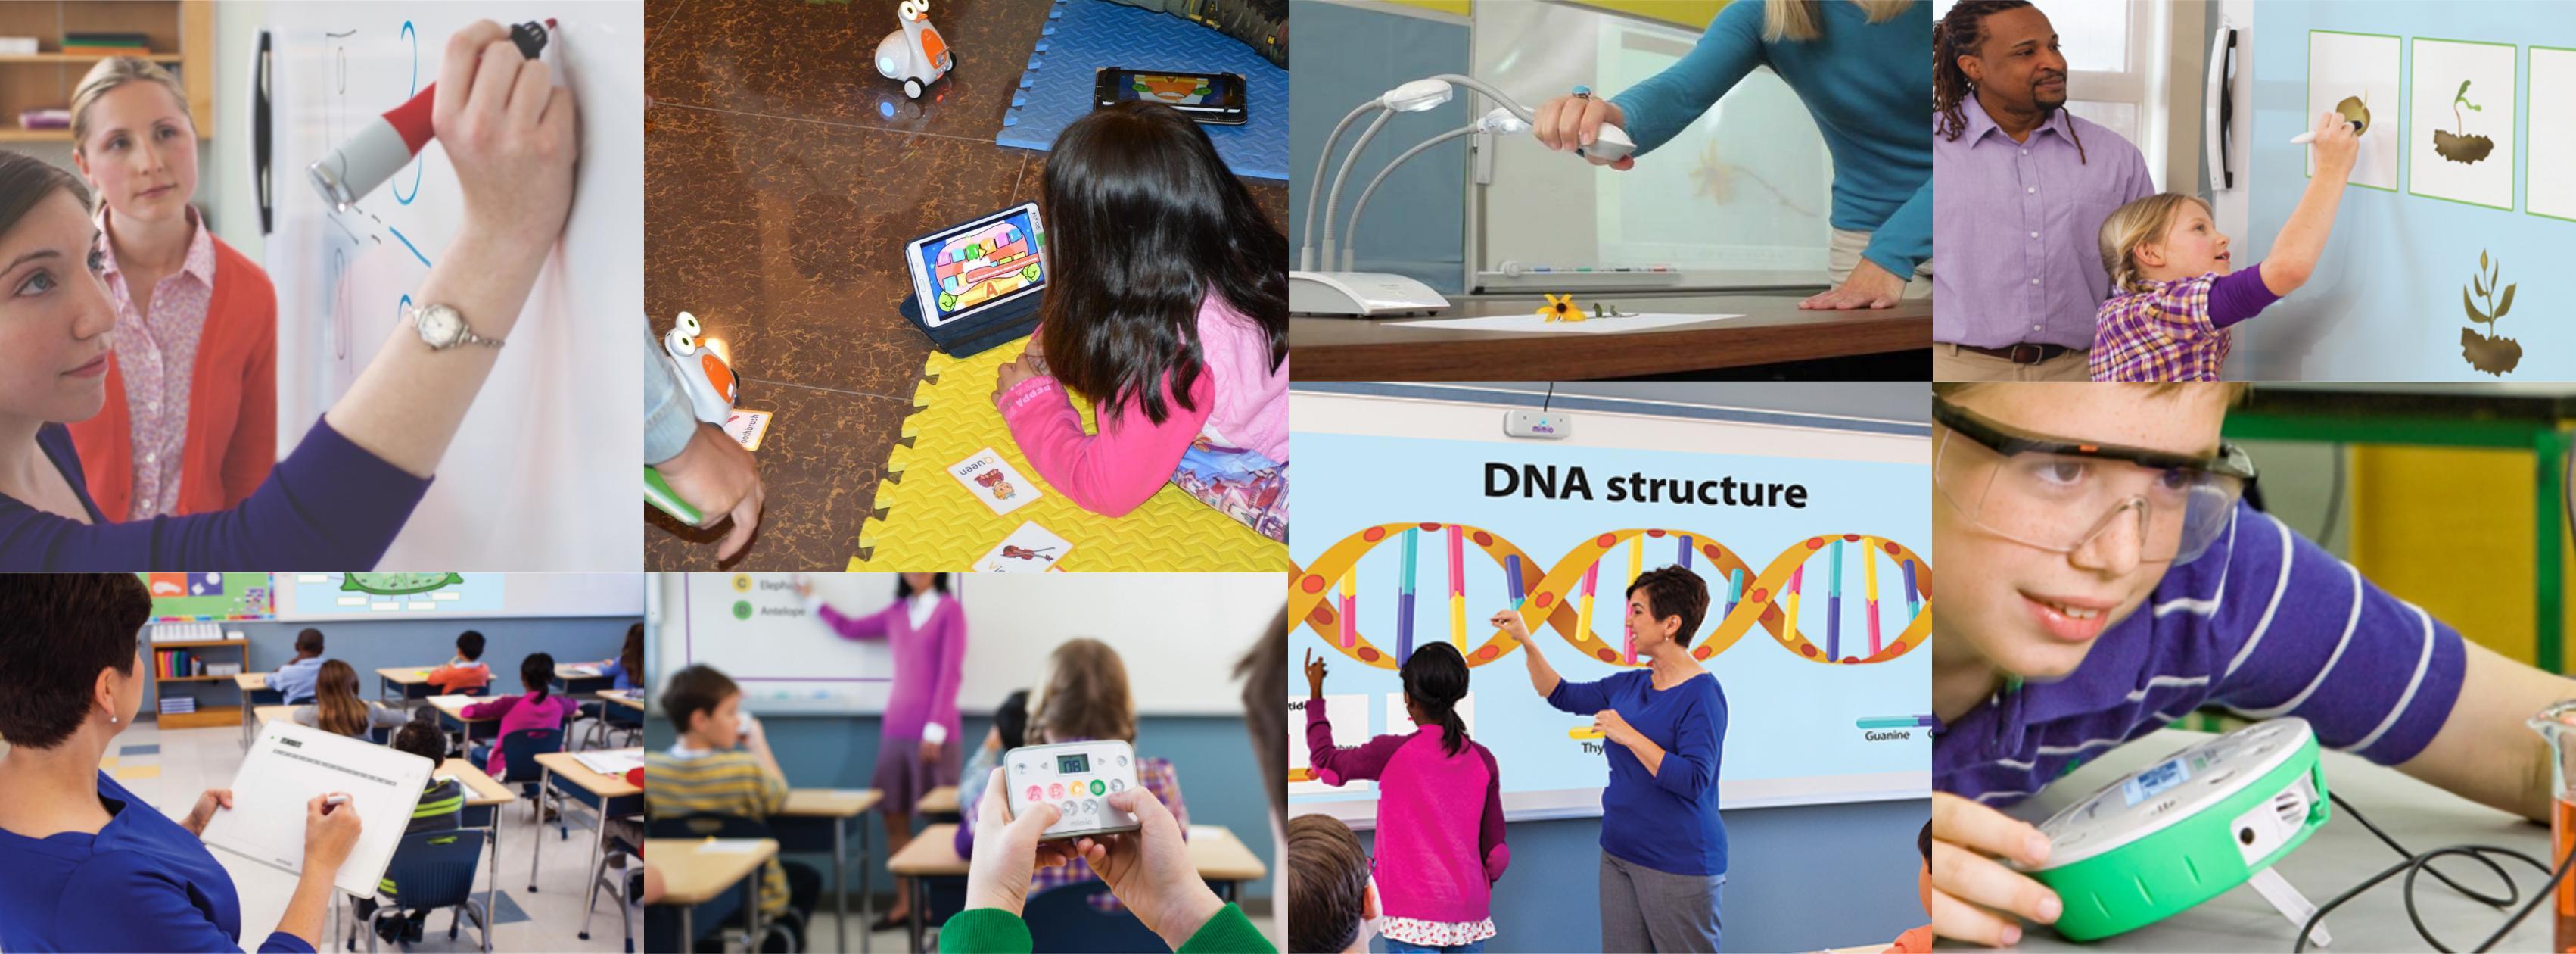 Tecnología Educativa, Aulas Interactivas, Laboratorios de Ciencia y Robótica Educativa